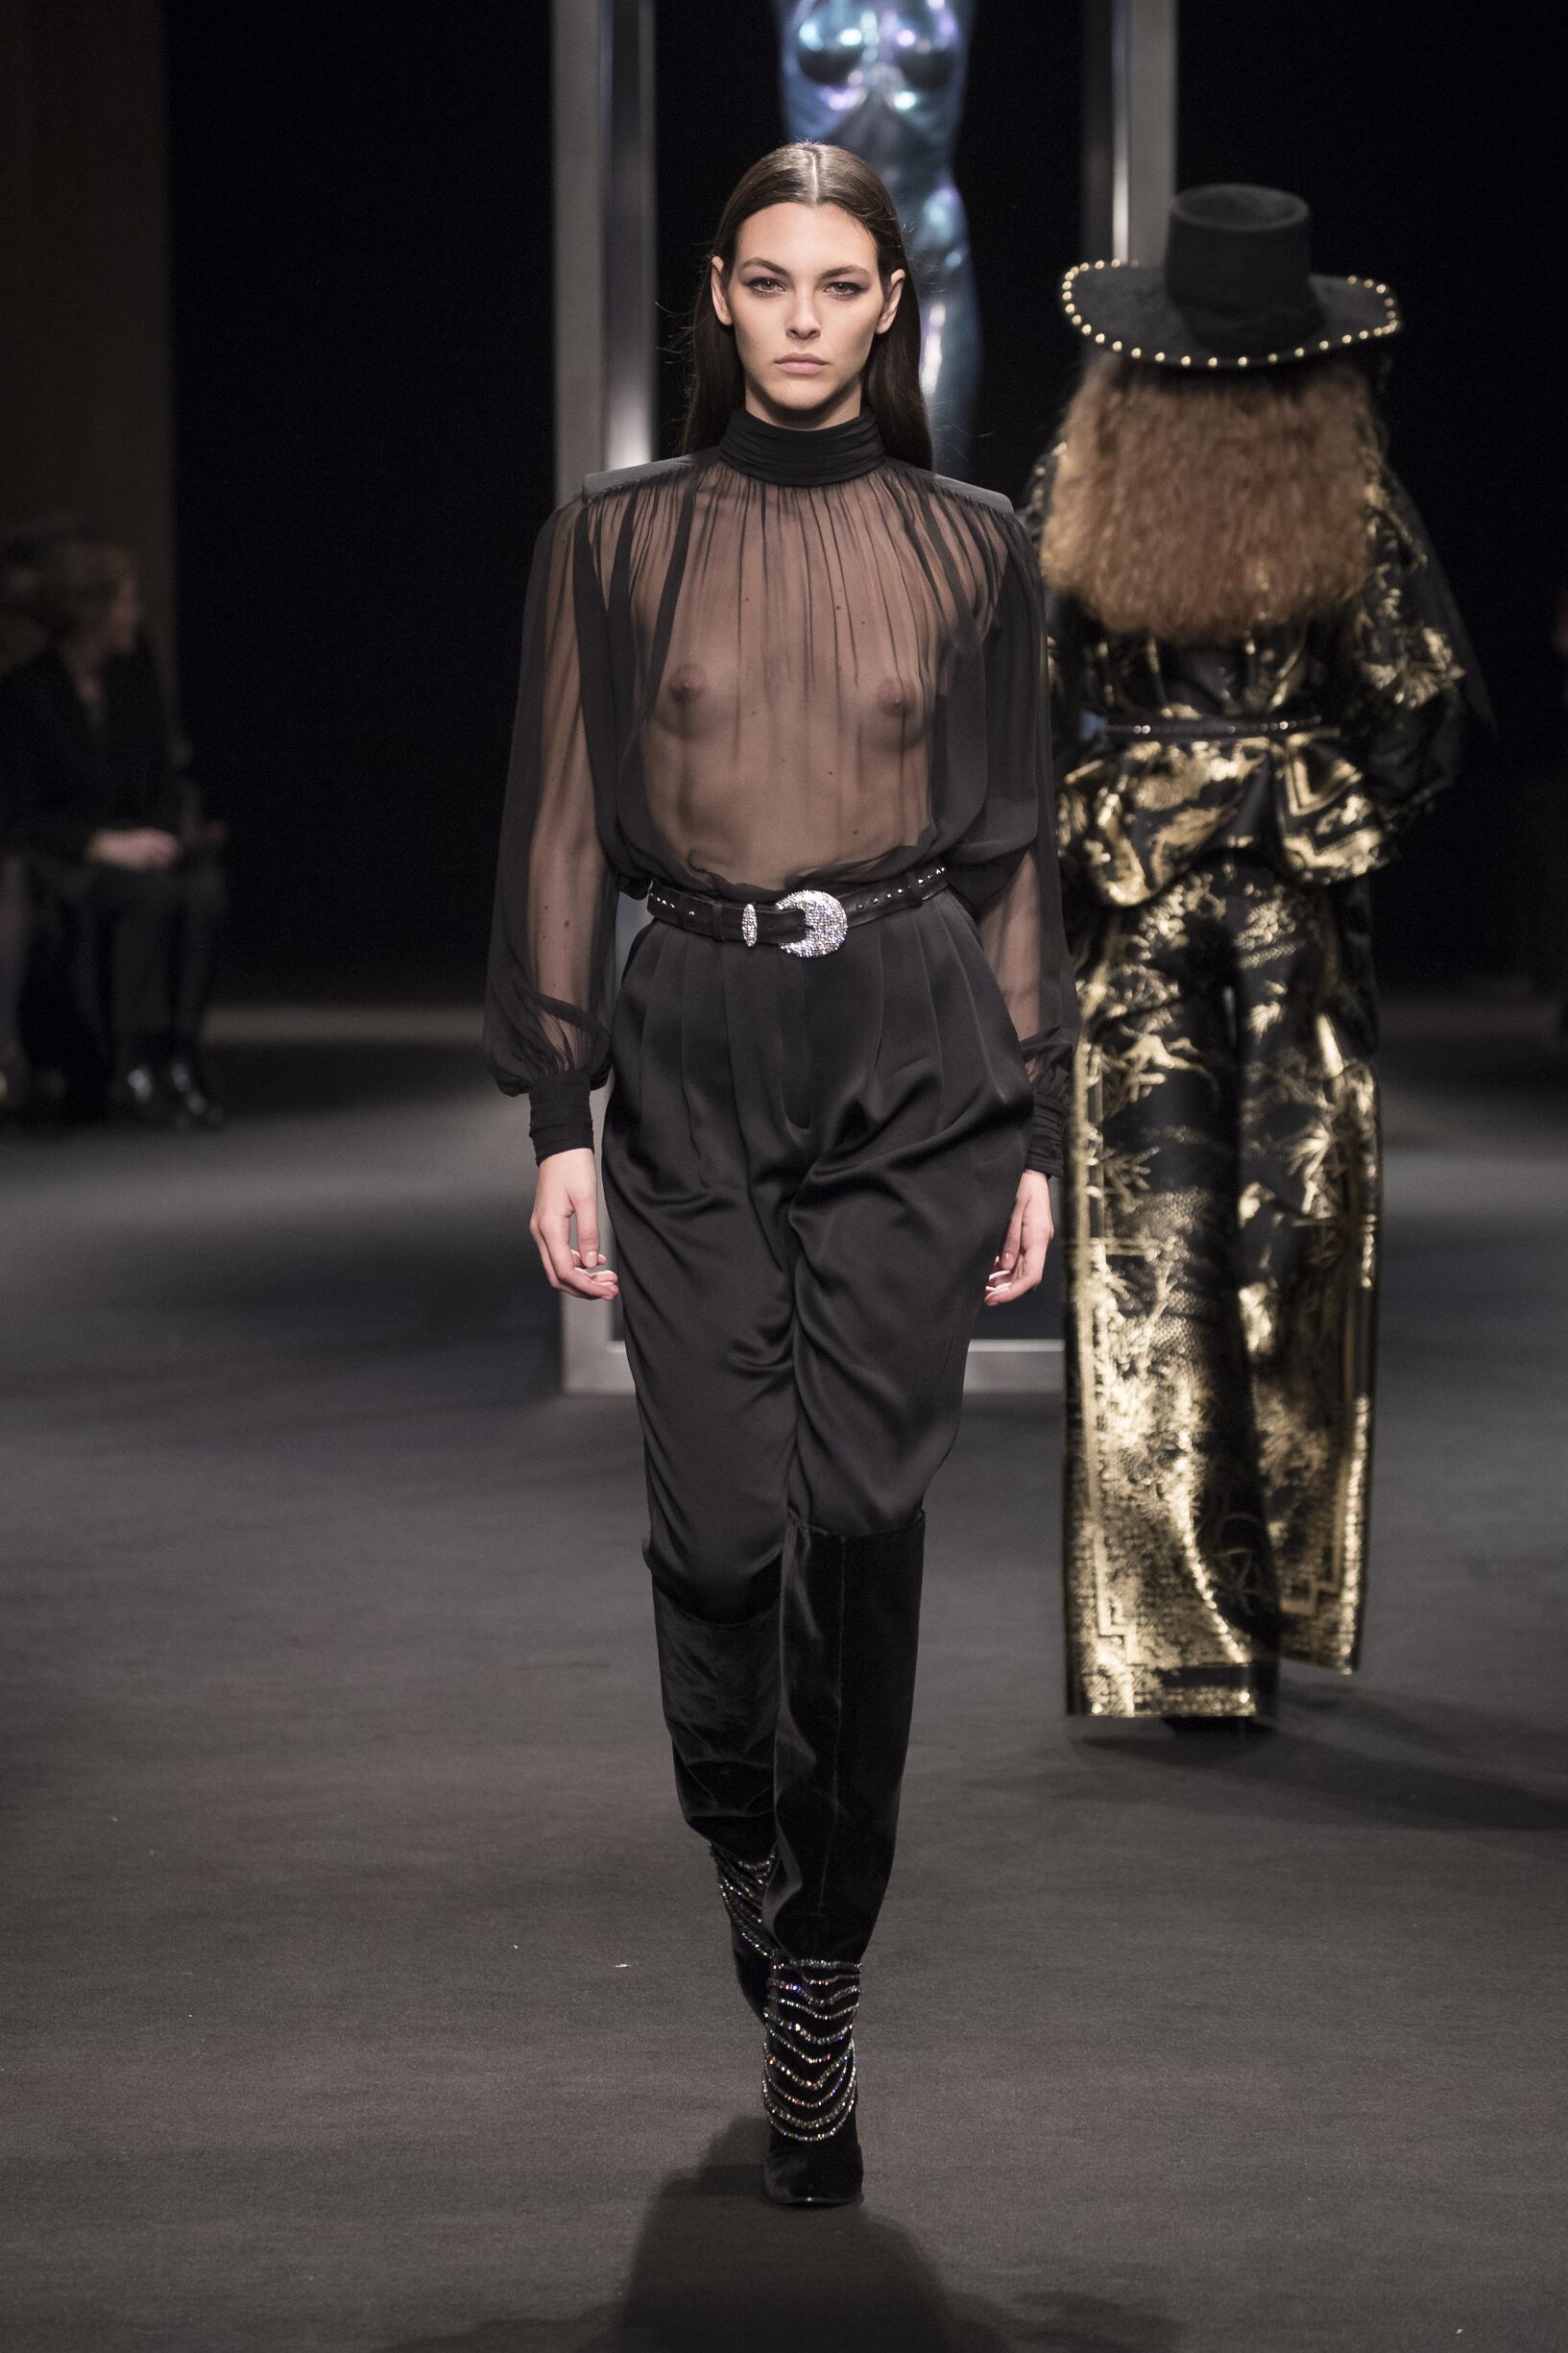 Fashion 2018-19 Woman Trends Alberta Ferretti